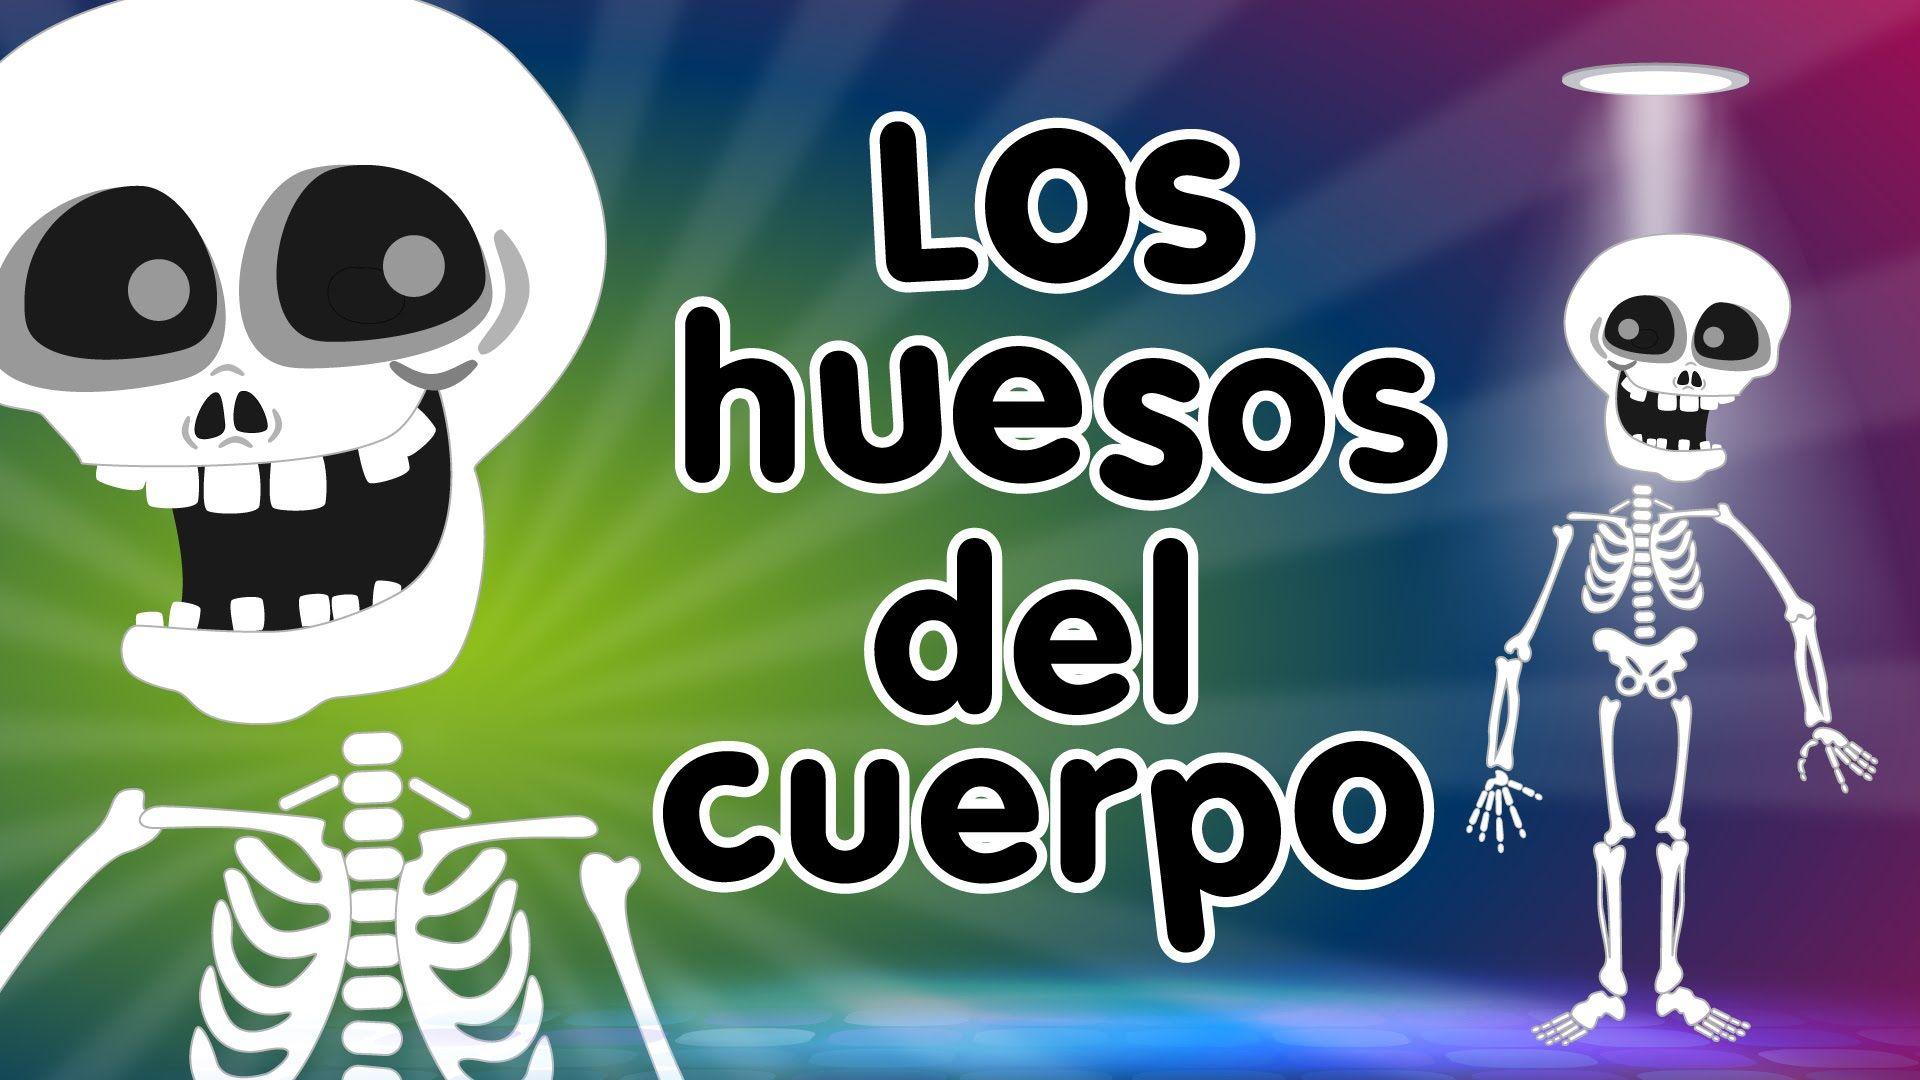 Los Huesos del Cuerpo - Canción para niños - Songs for Kids in ...